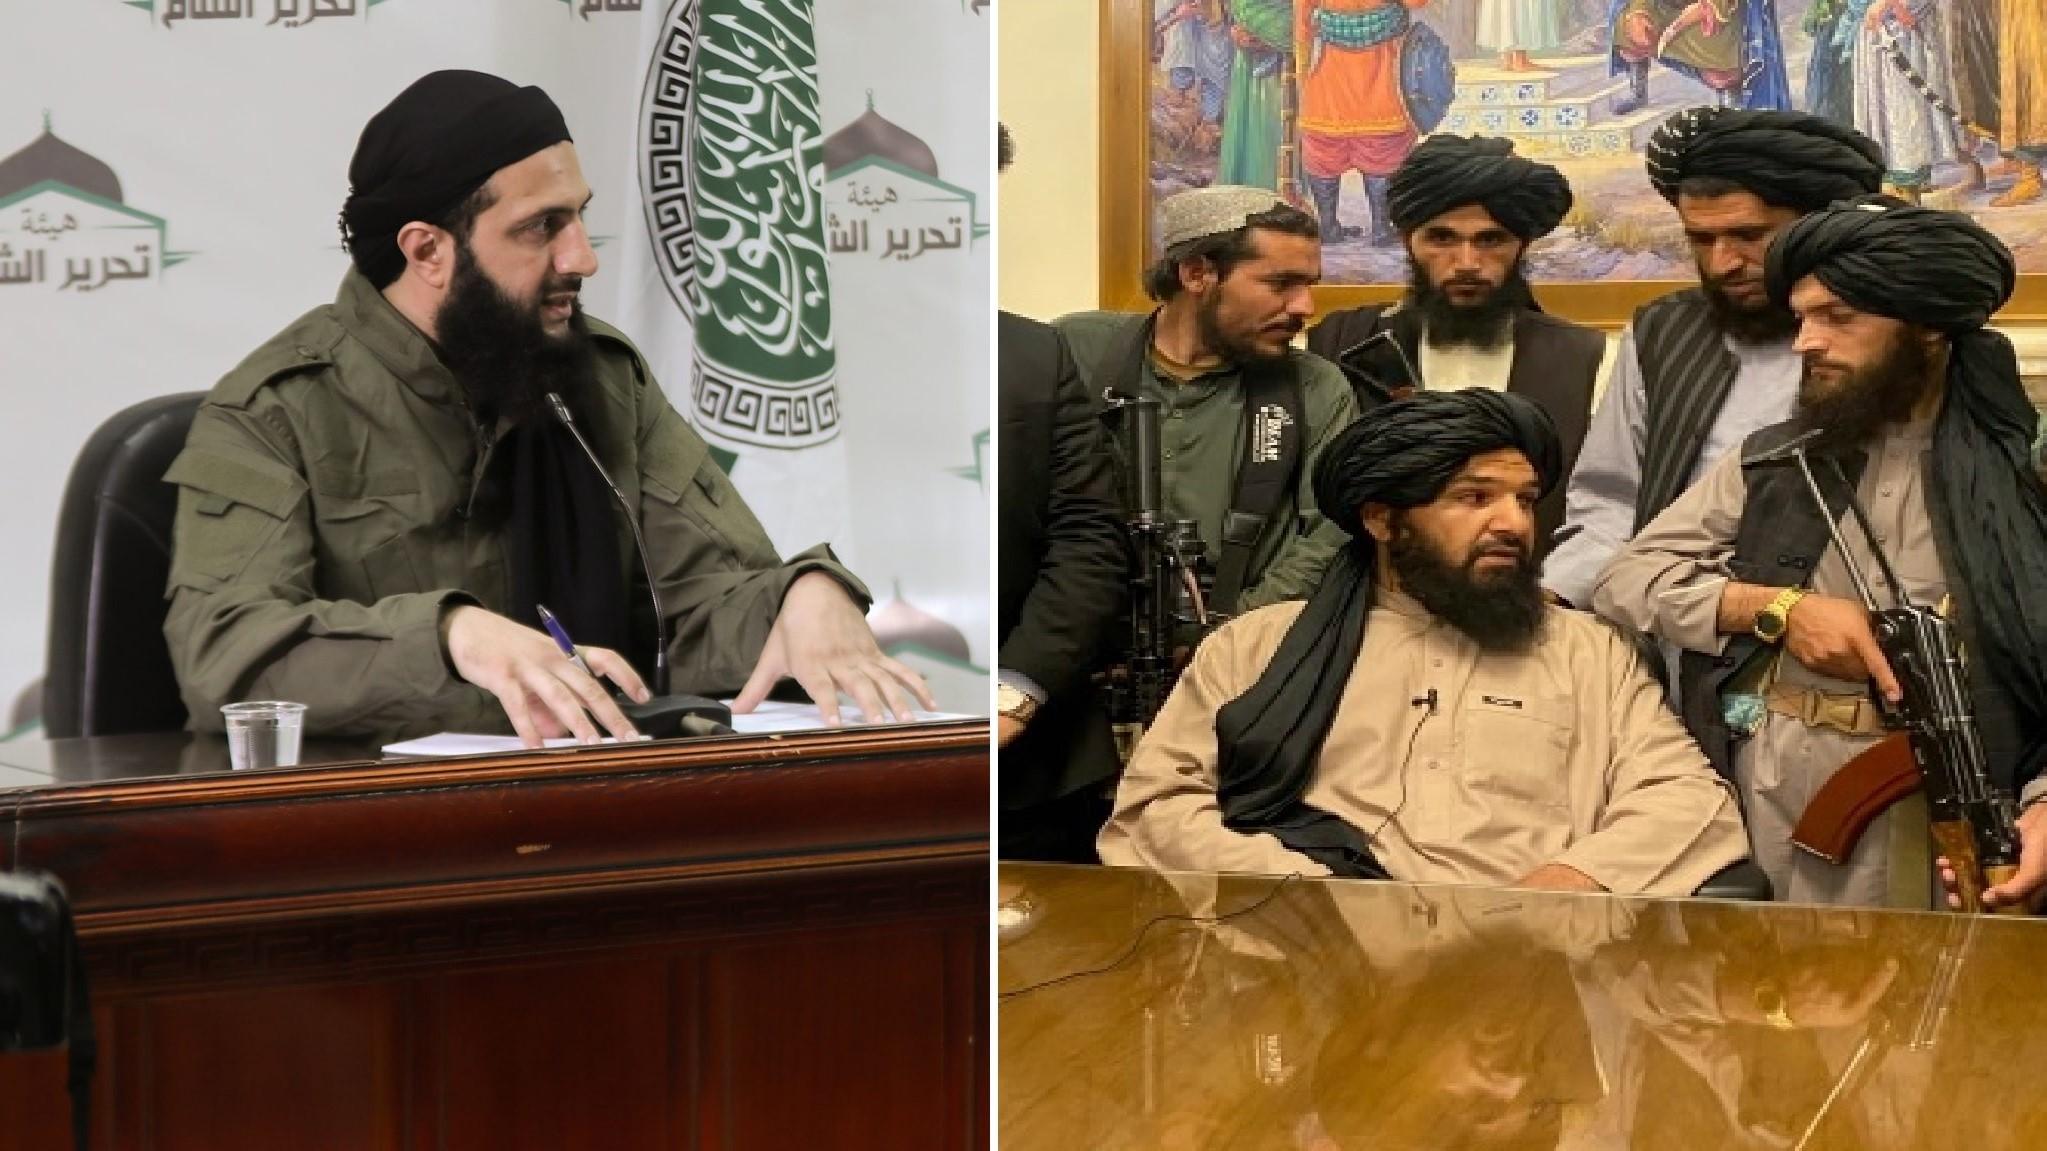 طالبان وتحرير الشام التشابه المستحيل